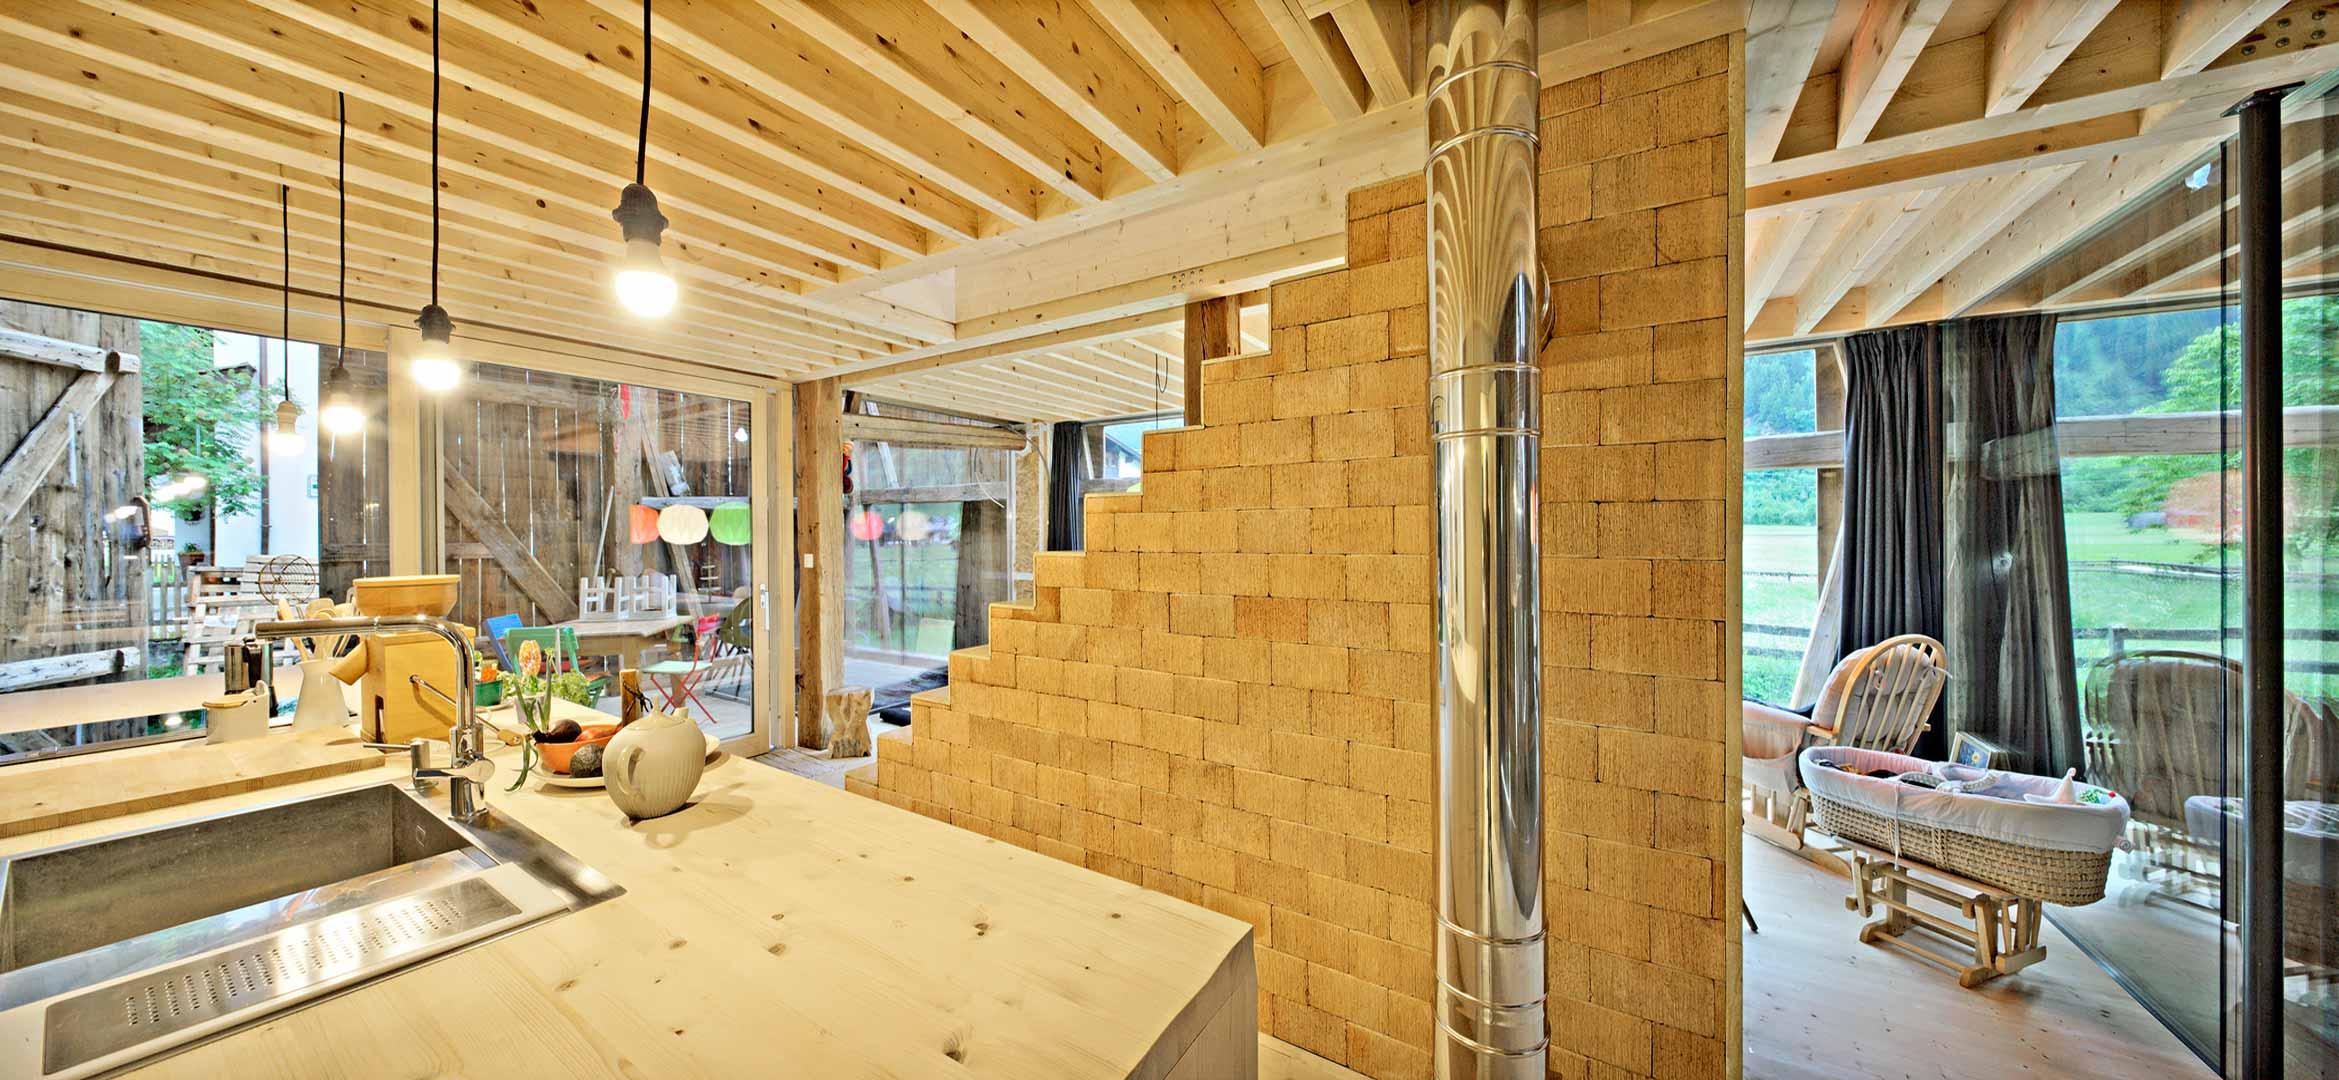 Projekte - Einfamilienhäuser, Sanierungen u. Umbauten, Wohnbau...